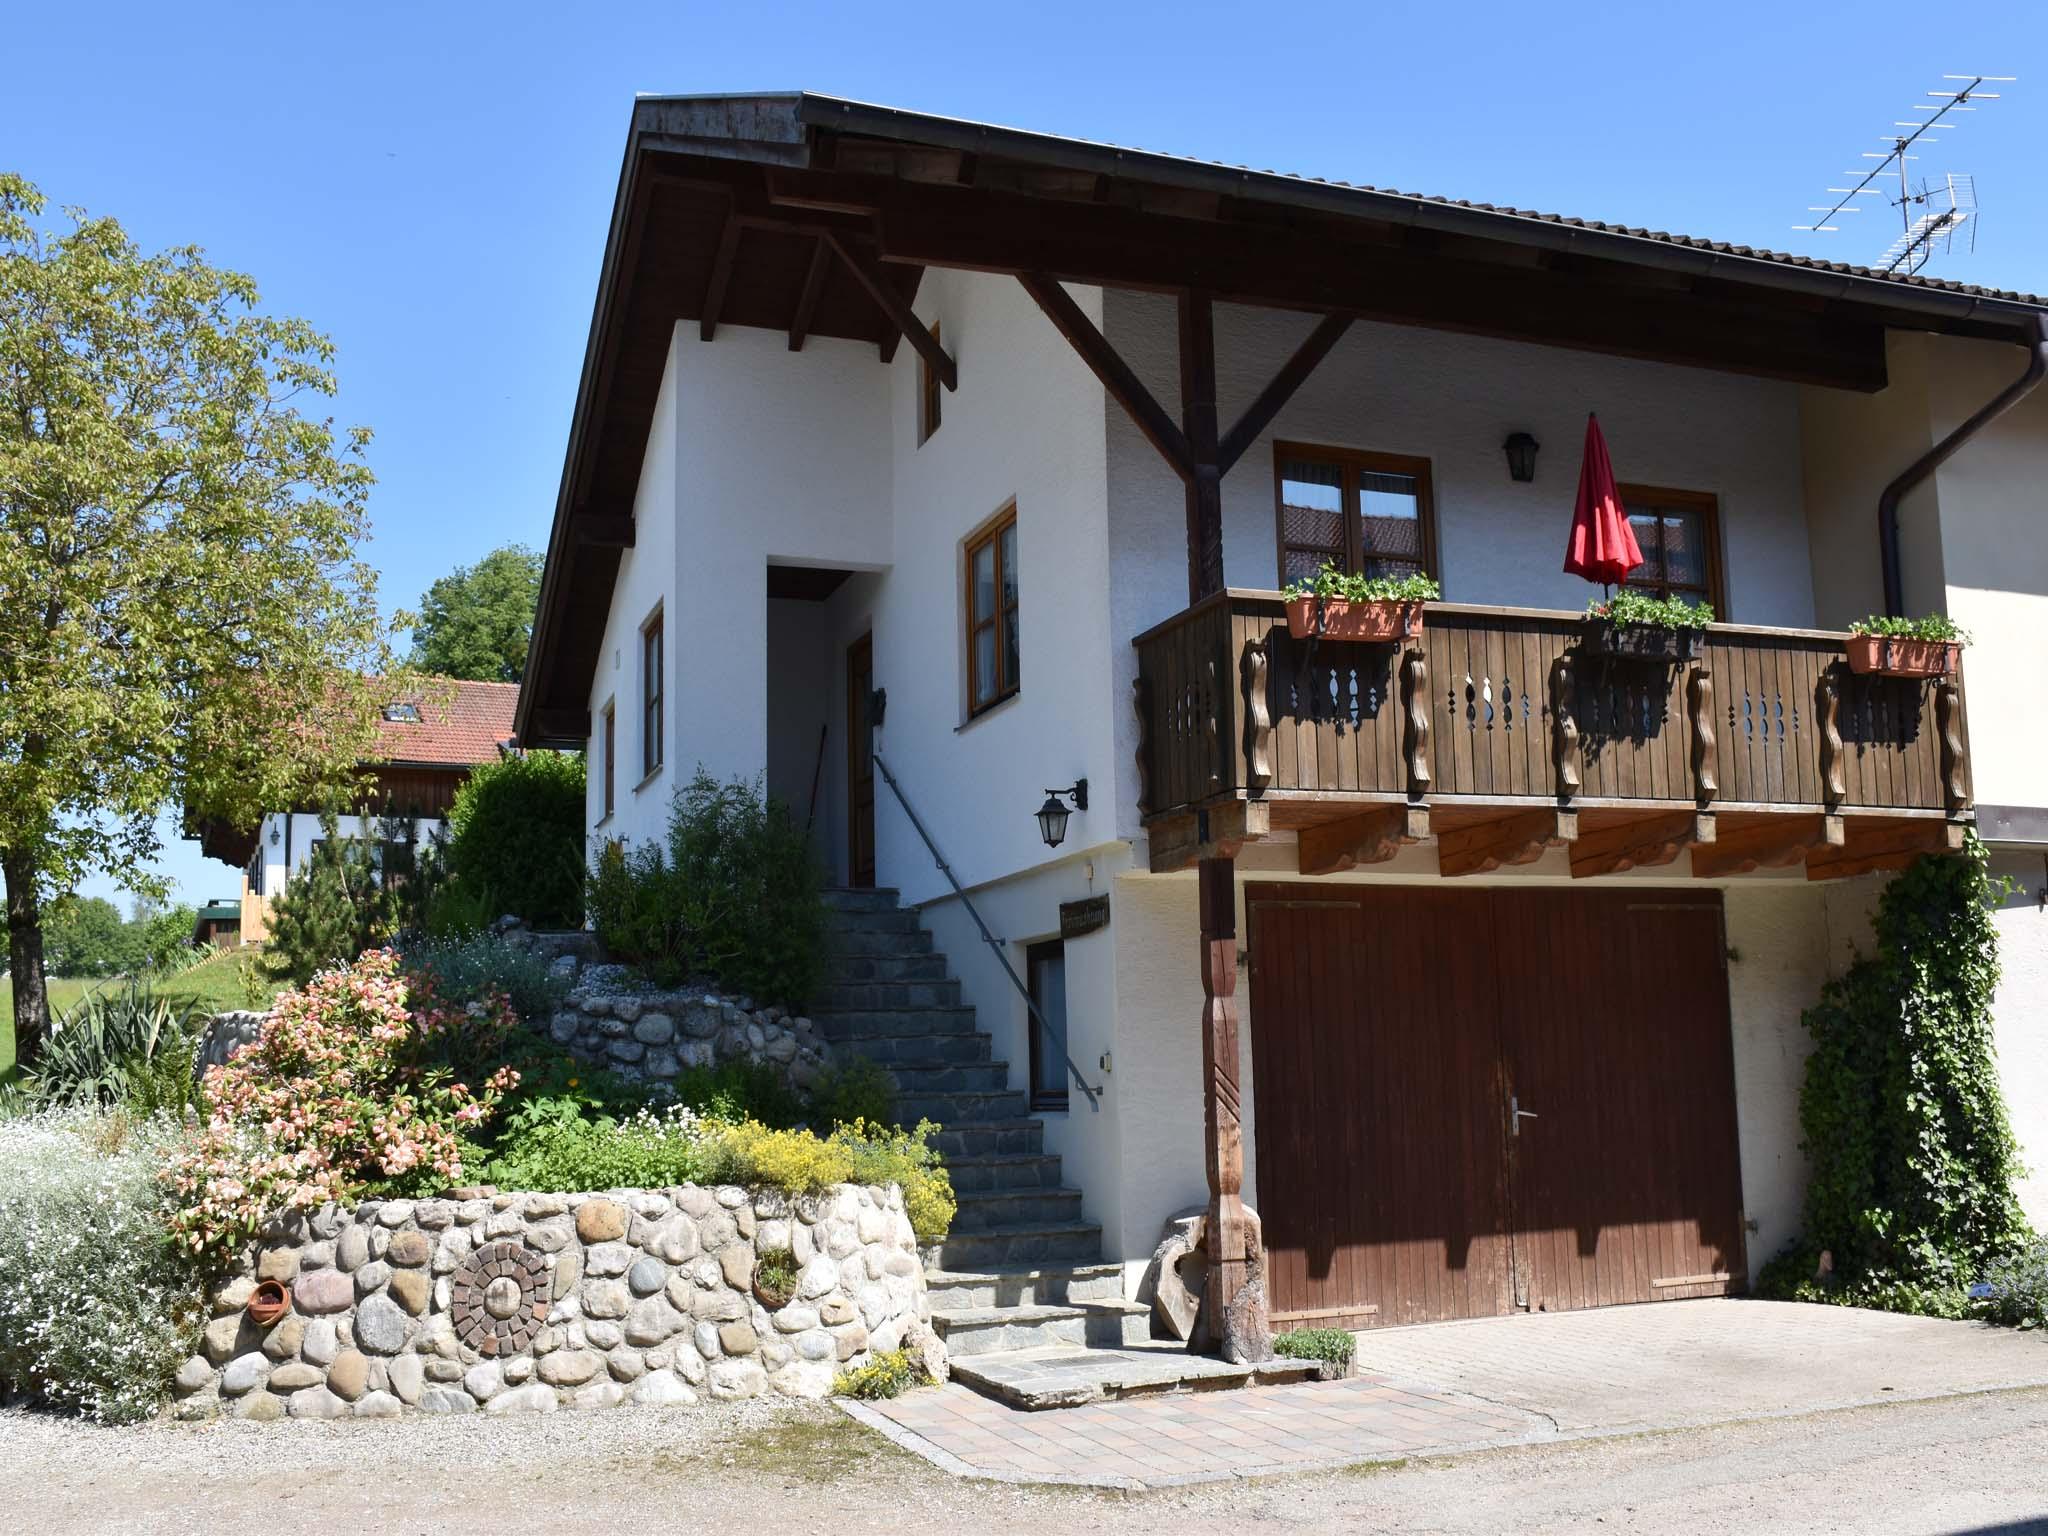 Ferienhof Schauer (DE Bad Endorf). Nr. 2 Ferienwoh